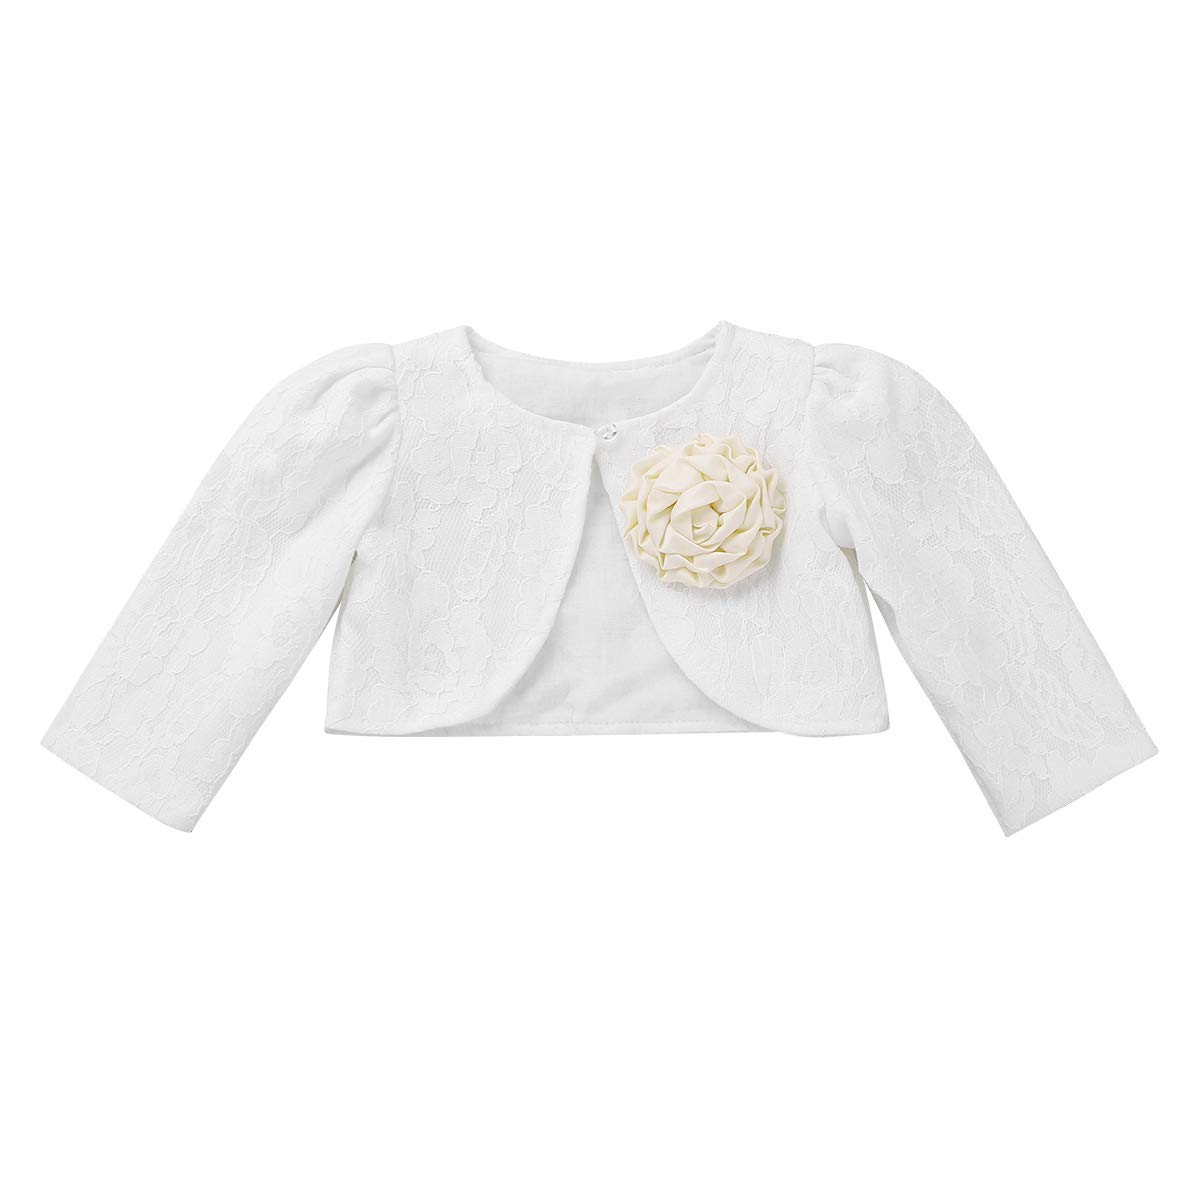 iiniim Boléro à Manches Longues Bébé Enfant Fille Boléro de Mariage Baptême Cardigan Veste de Cérémonie Princesse Blousons Col V avec Broche Fleur Manteau 0-24 Mois